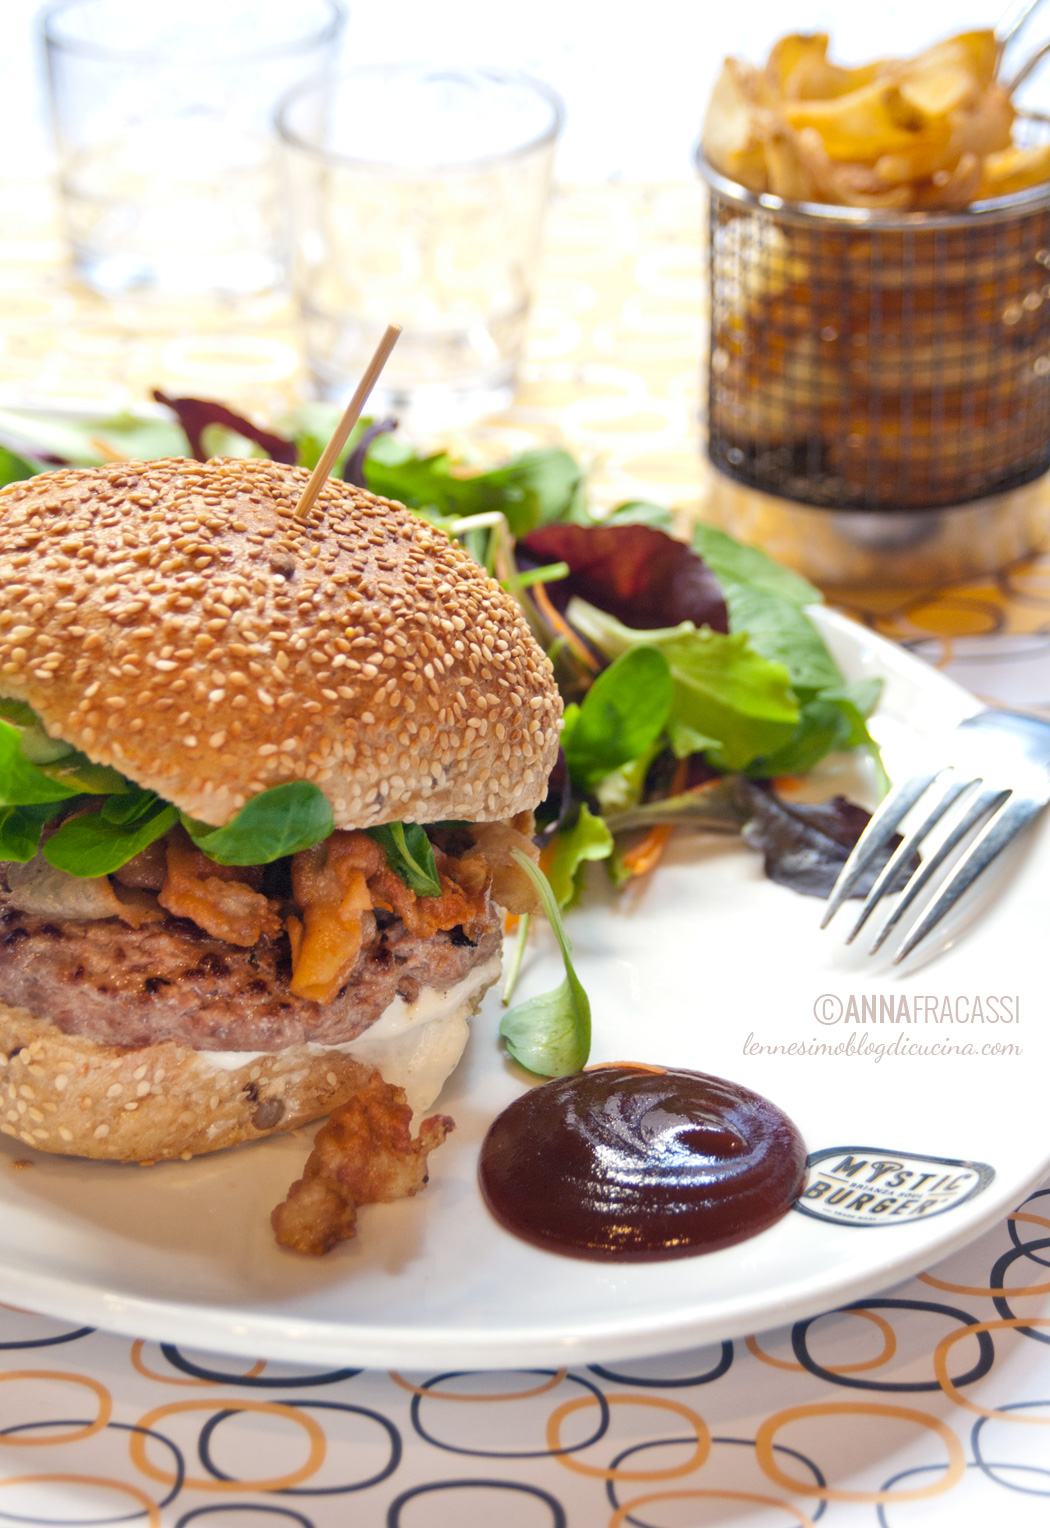 Mystic Burger Carate Brianza Mi